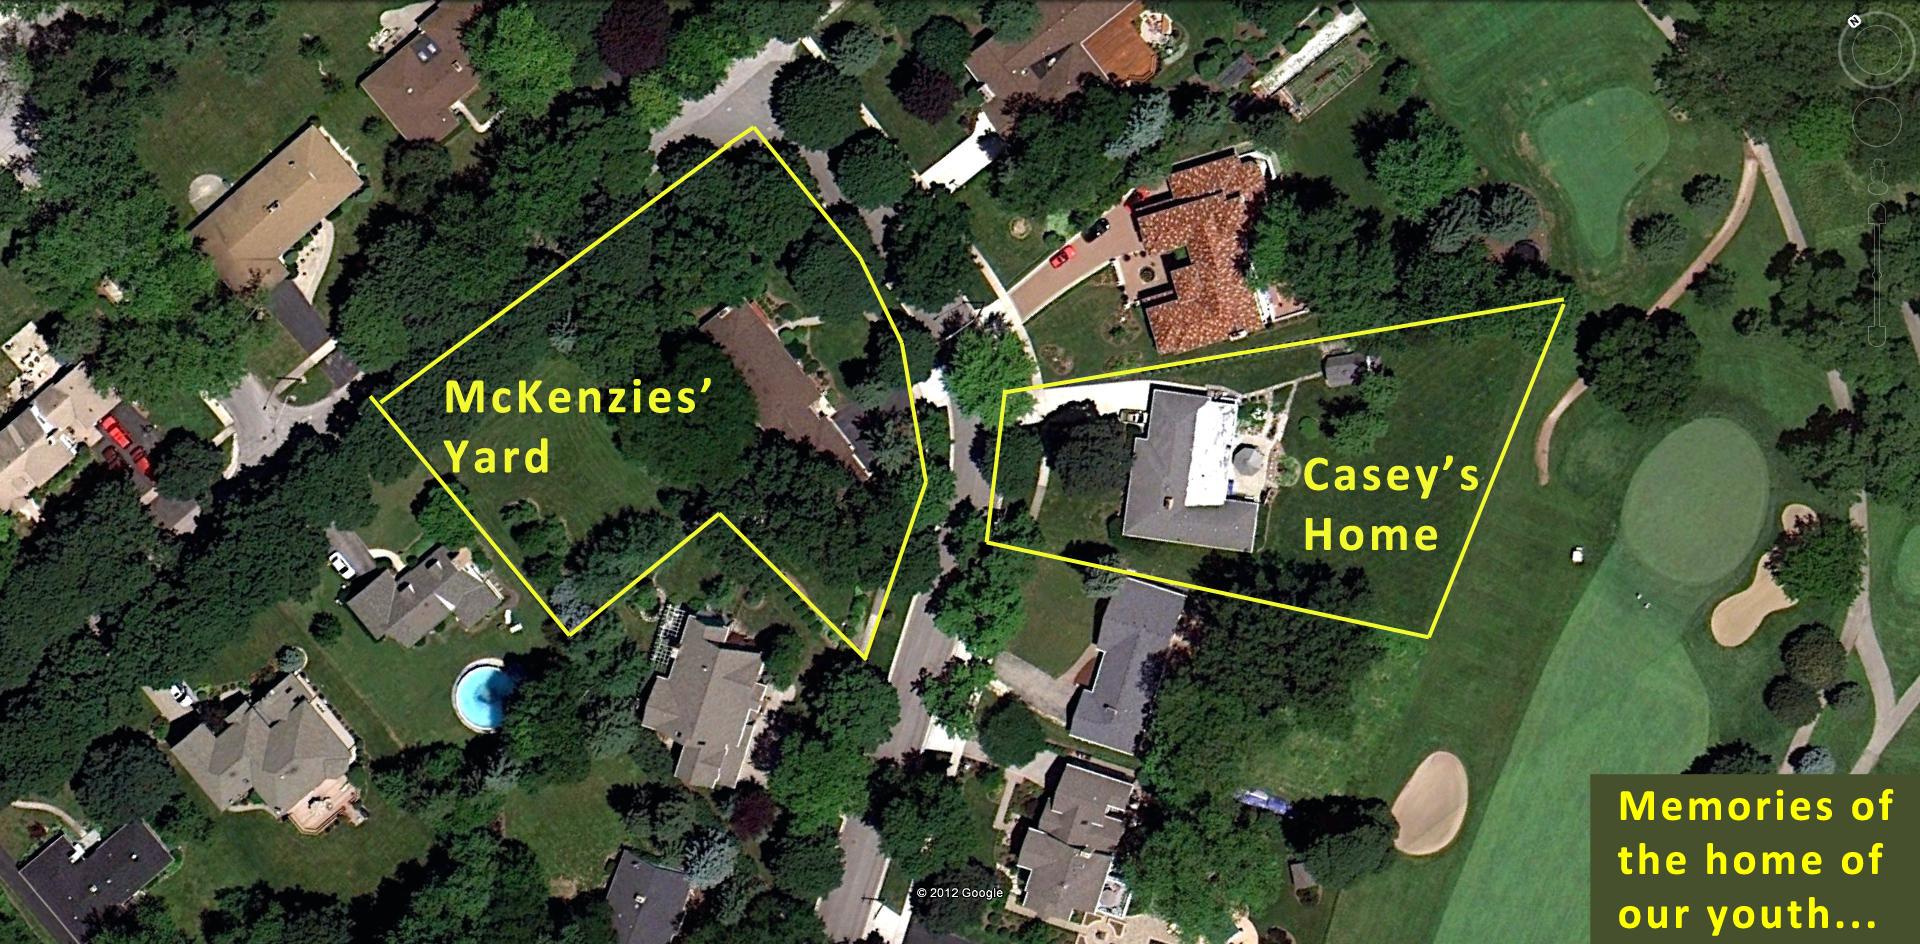 McKenzie's Field